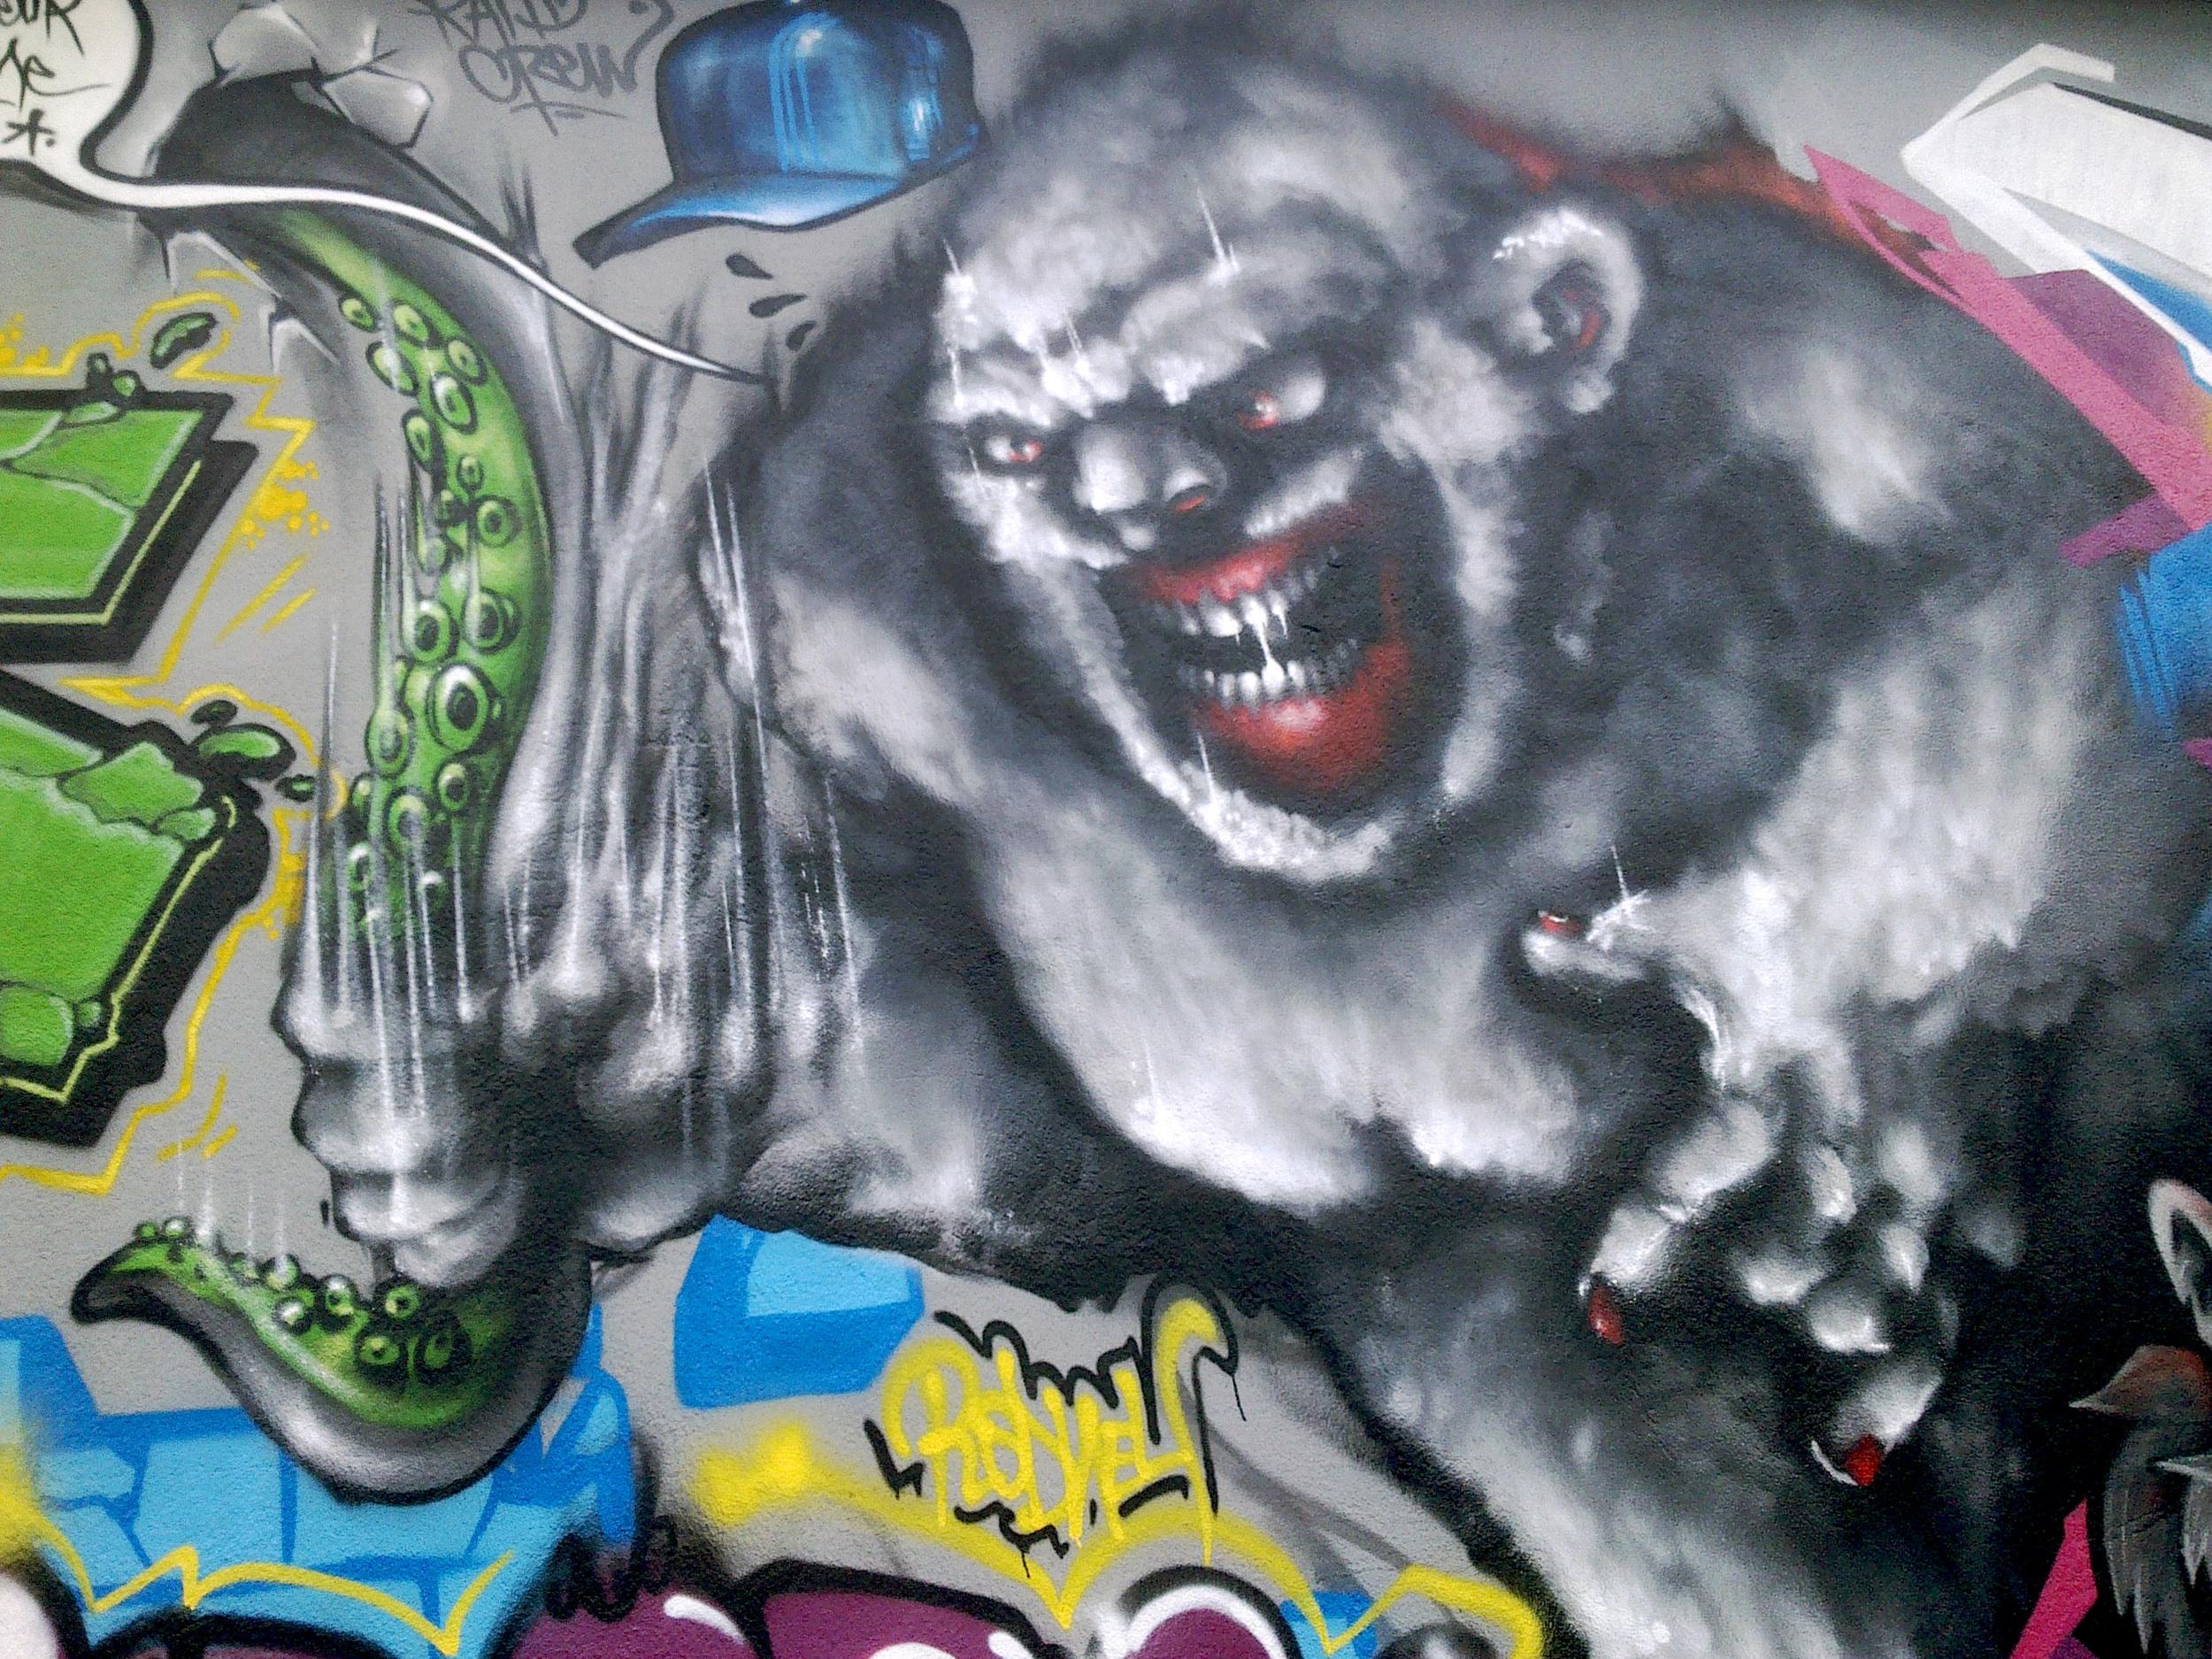 Juin 2012 - Blois - Contest La Caverne